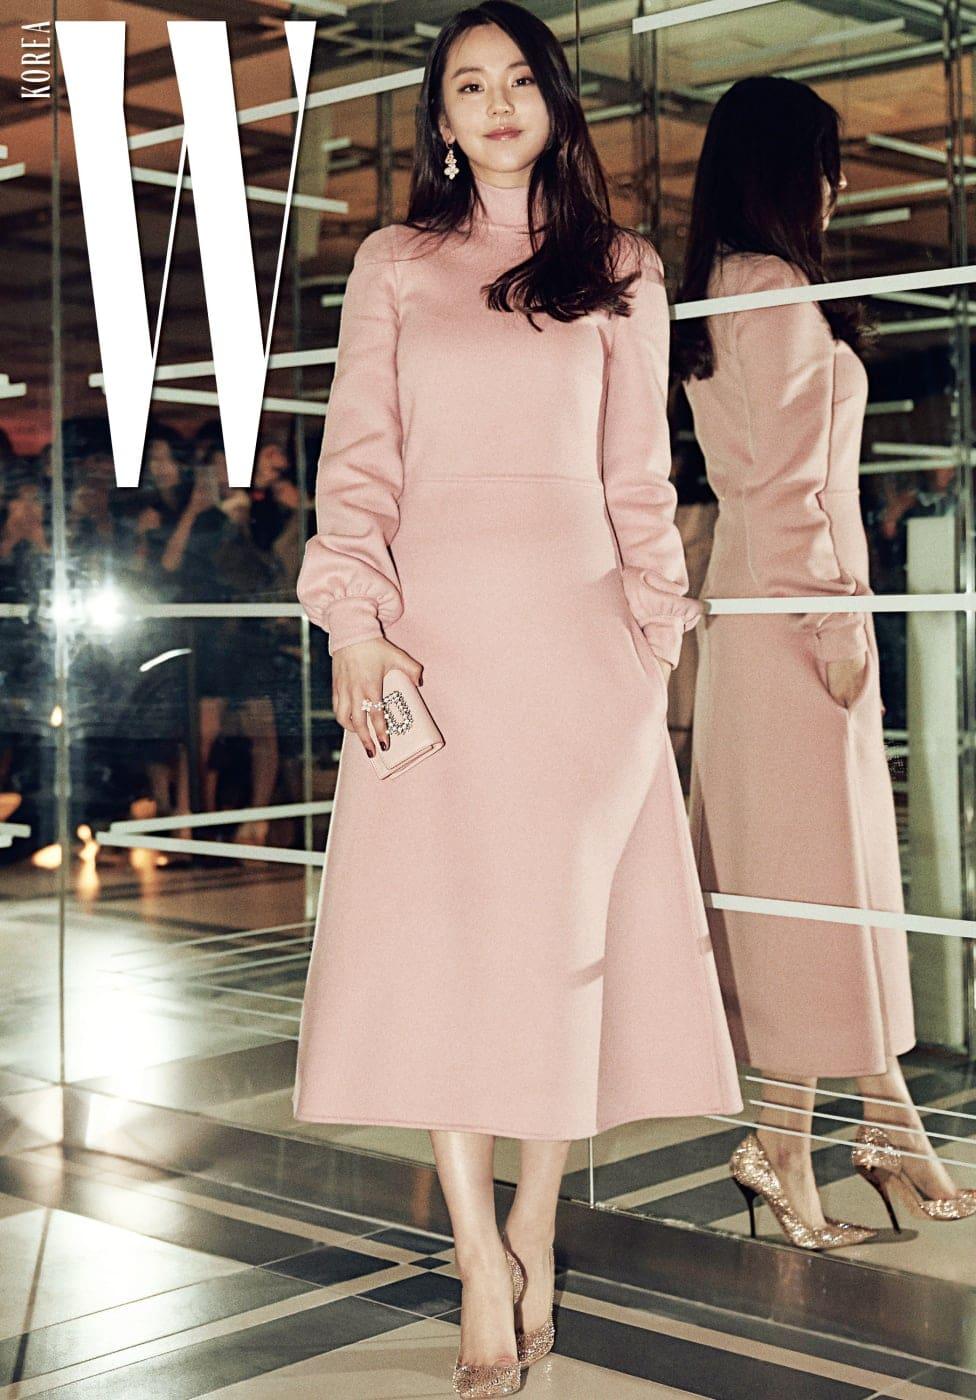 성숙하고 우아한 핑크빛 의상으로 거울 앞 포토존에 선 안소희. 여성스럽고 미니멀한 실루엣의 파스텔 핑크 드레스, 빛나는 R 로고 장식 미니 클러치는 Rochas제품. 스틸레토 힐은 Jimmy Choo 제품.